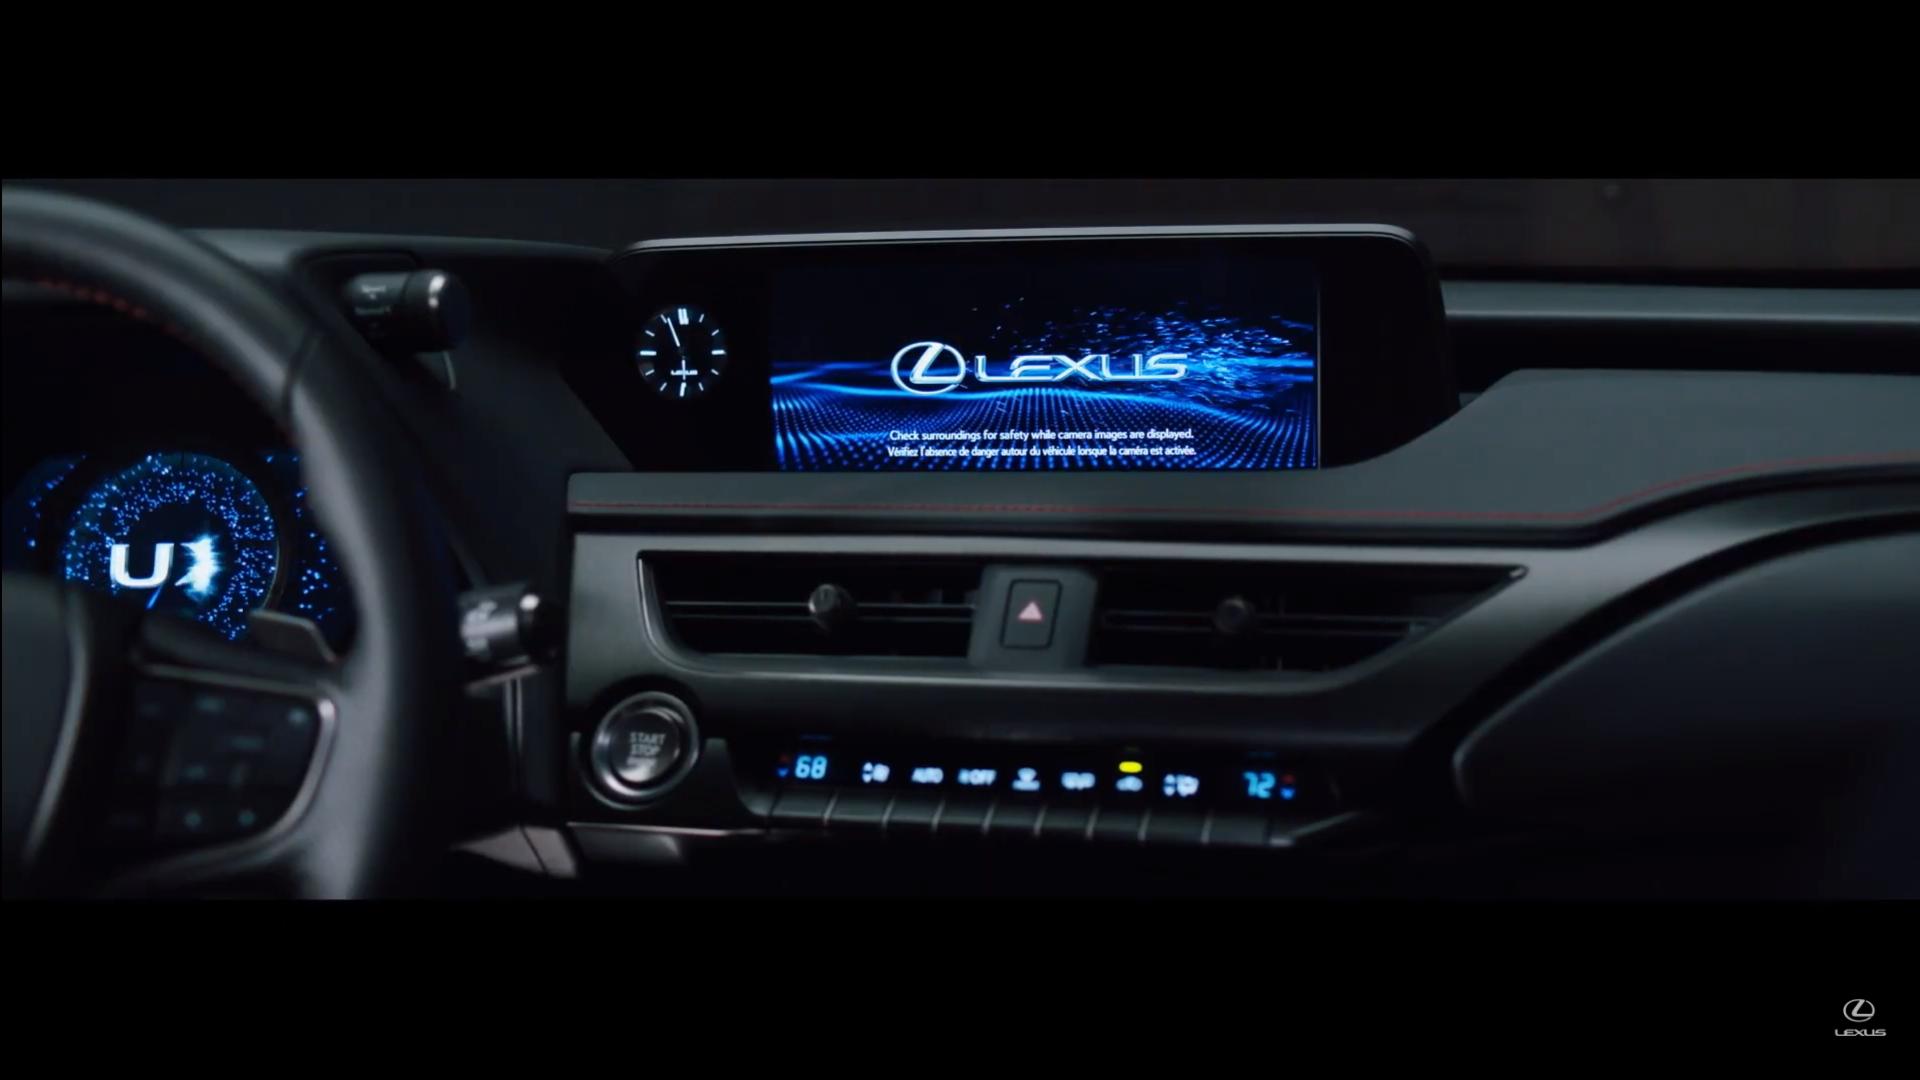 UX 6 Wnętrze wideo image